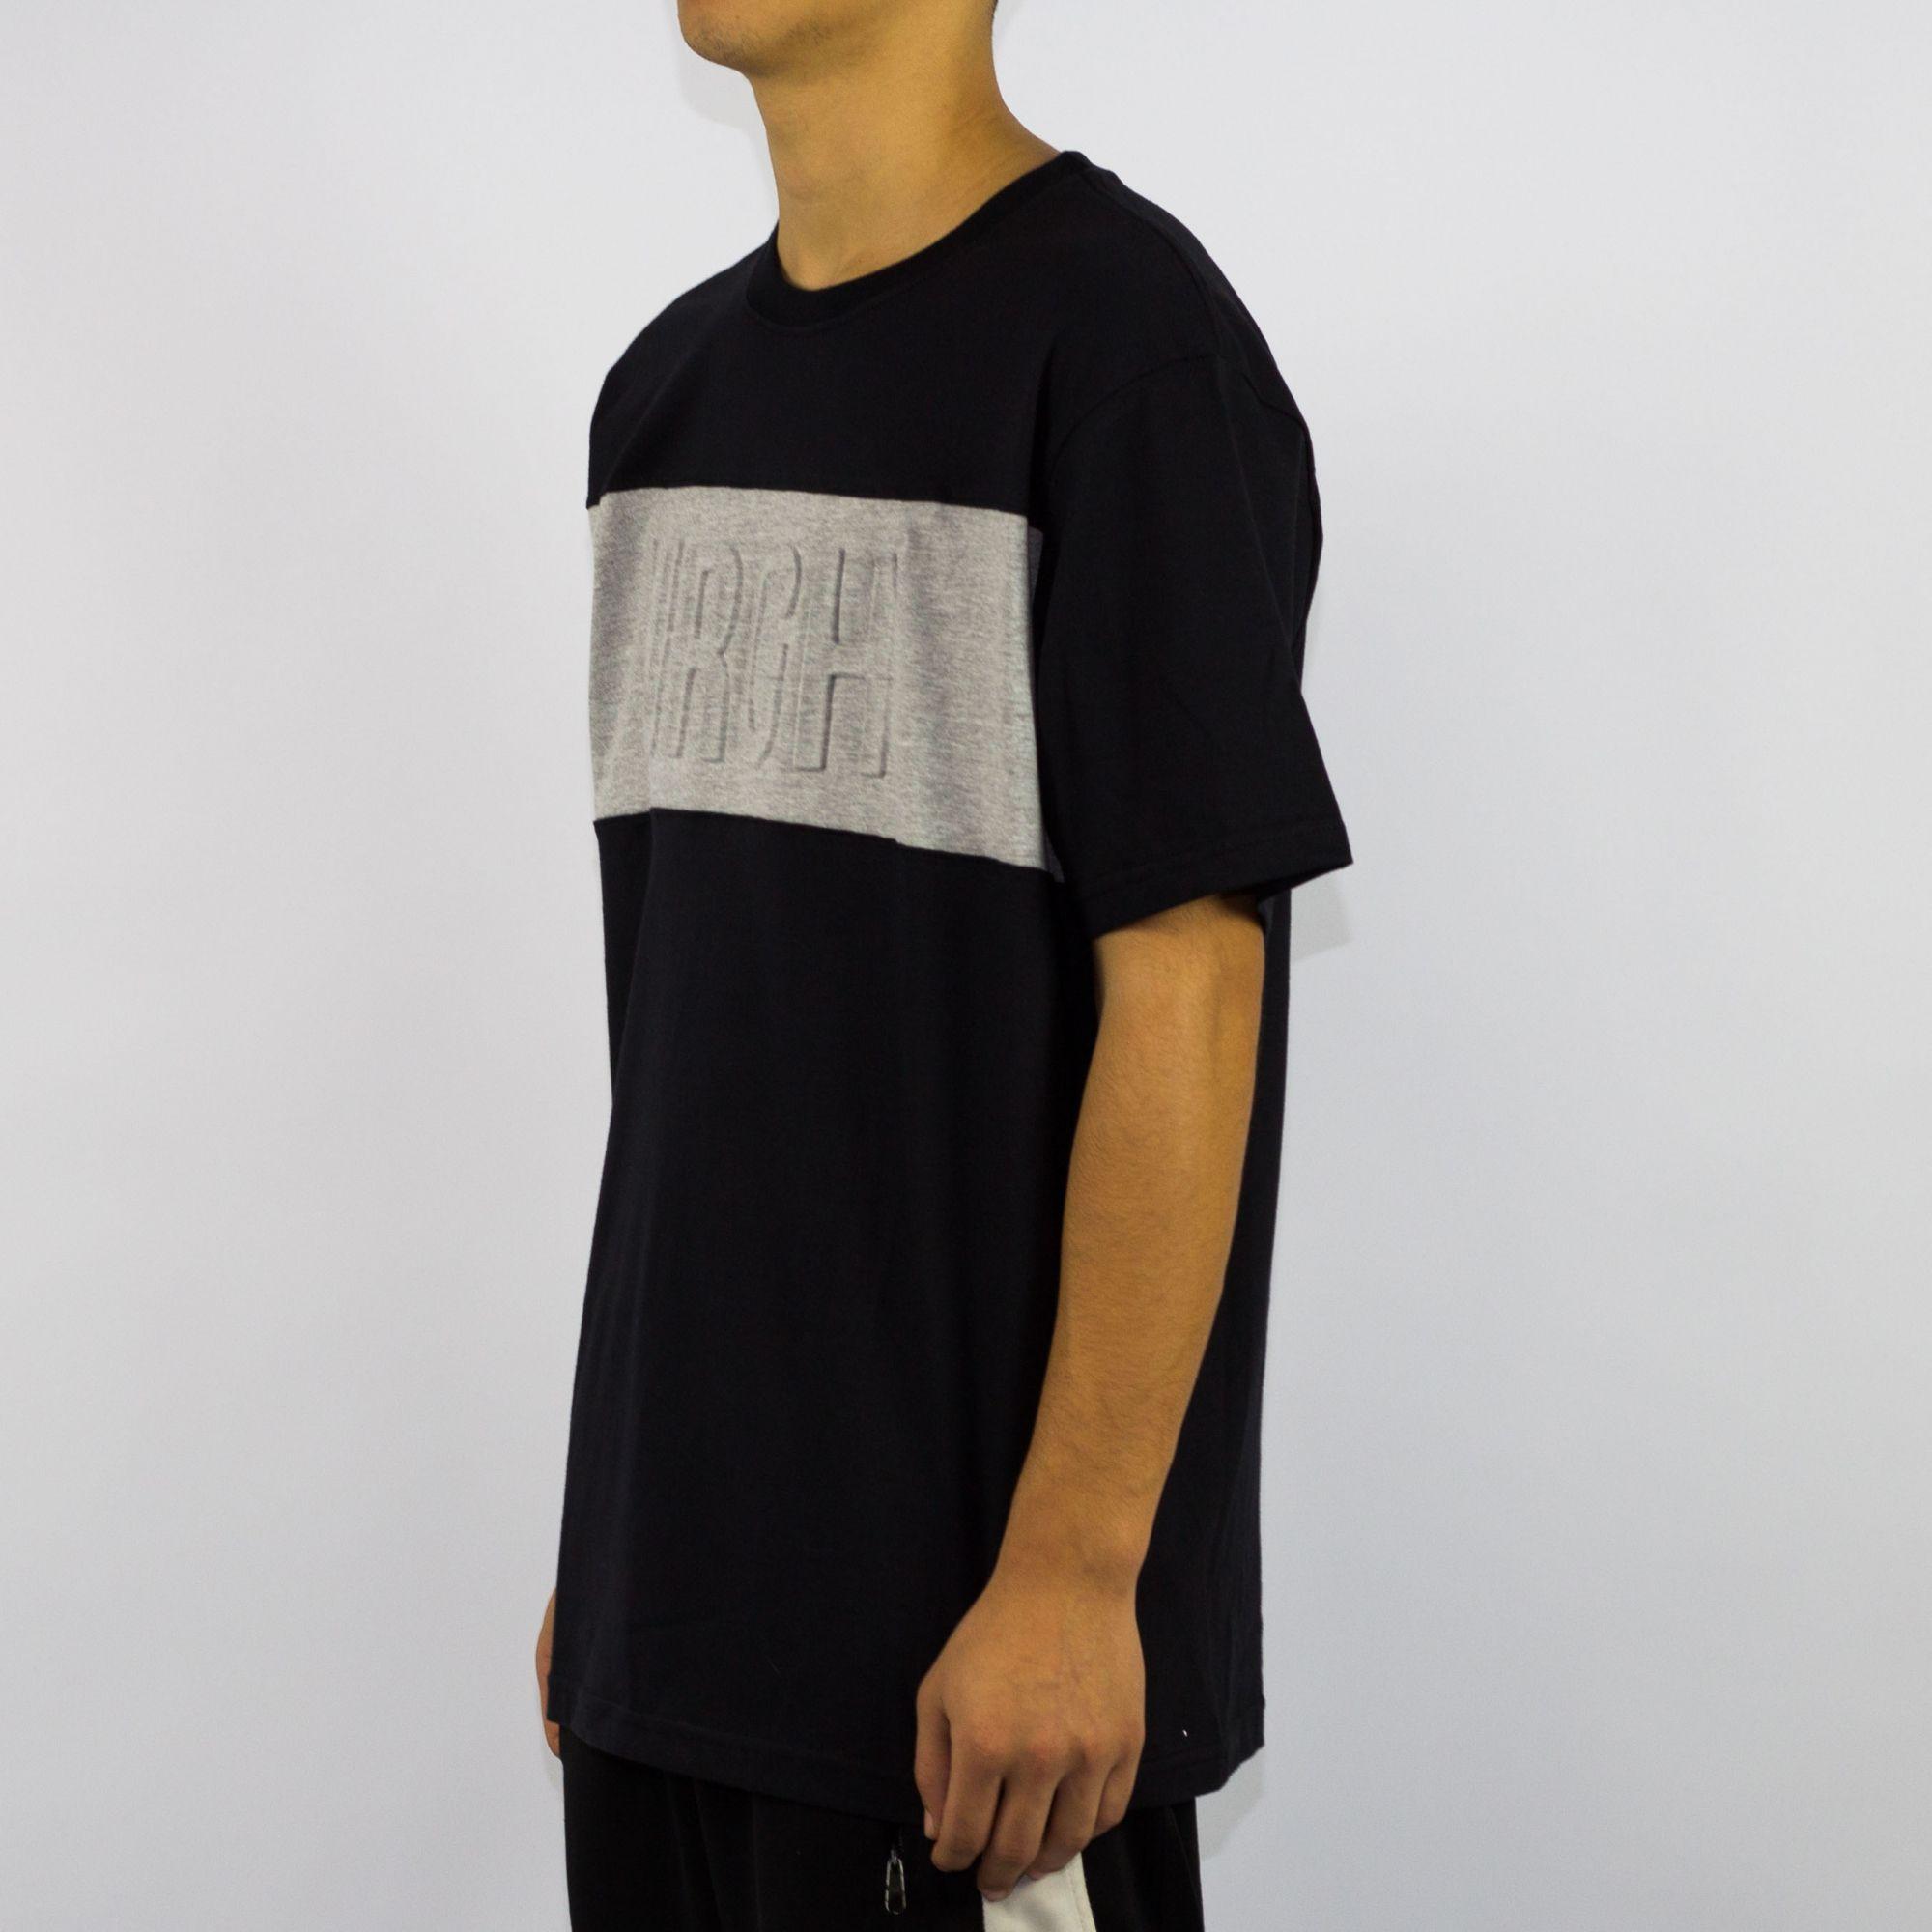 Camiseta Urgh Especial Emboss Cinza/Preta